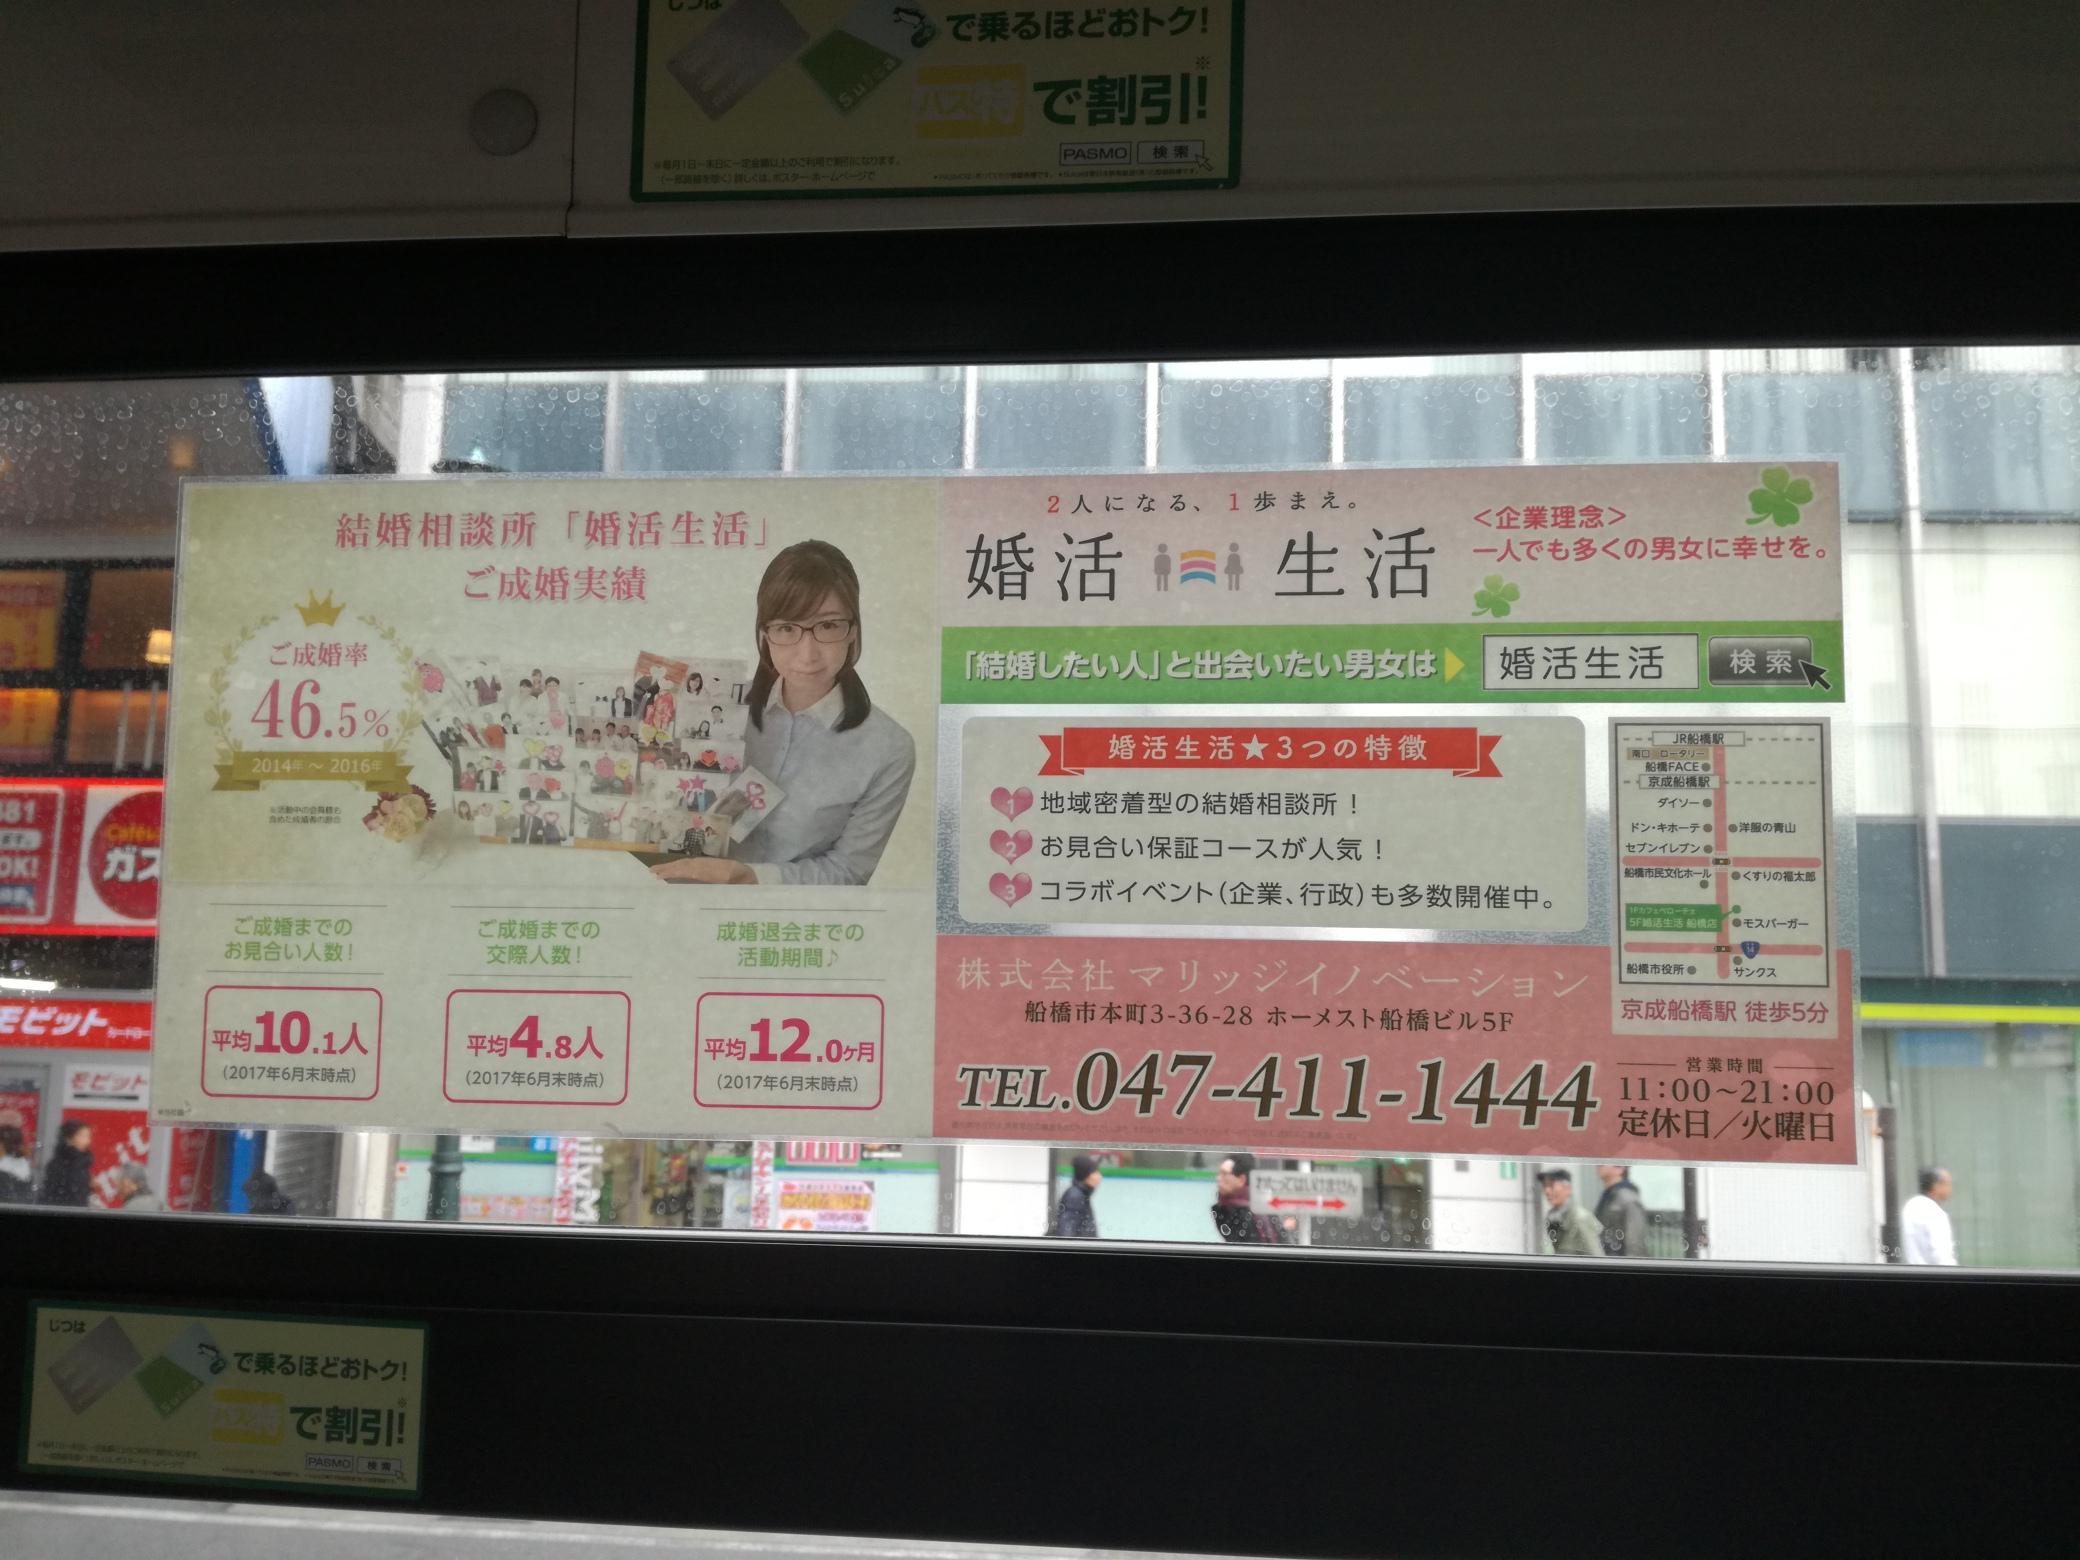 京成バスシステム窓広告アップ